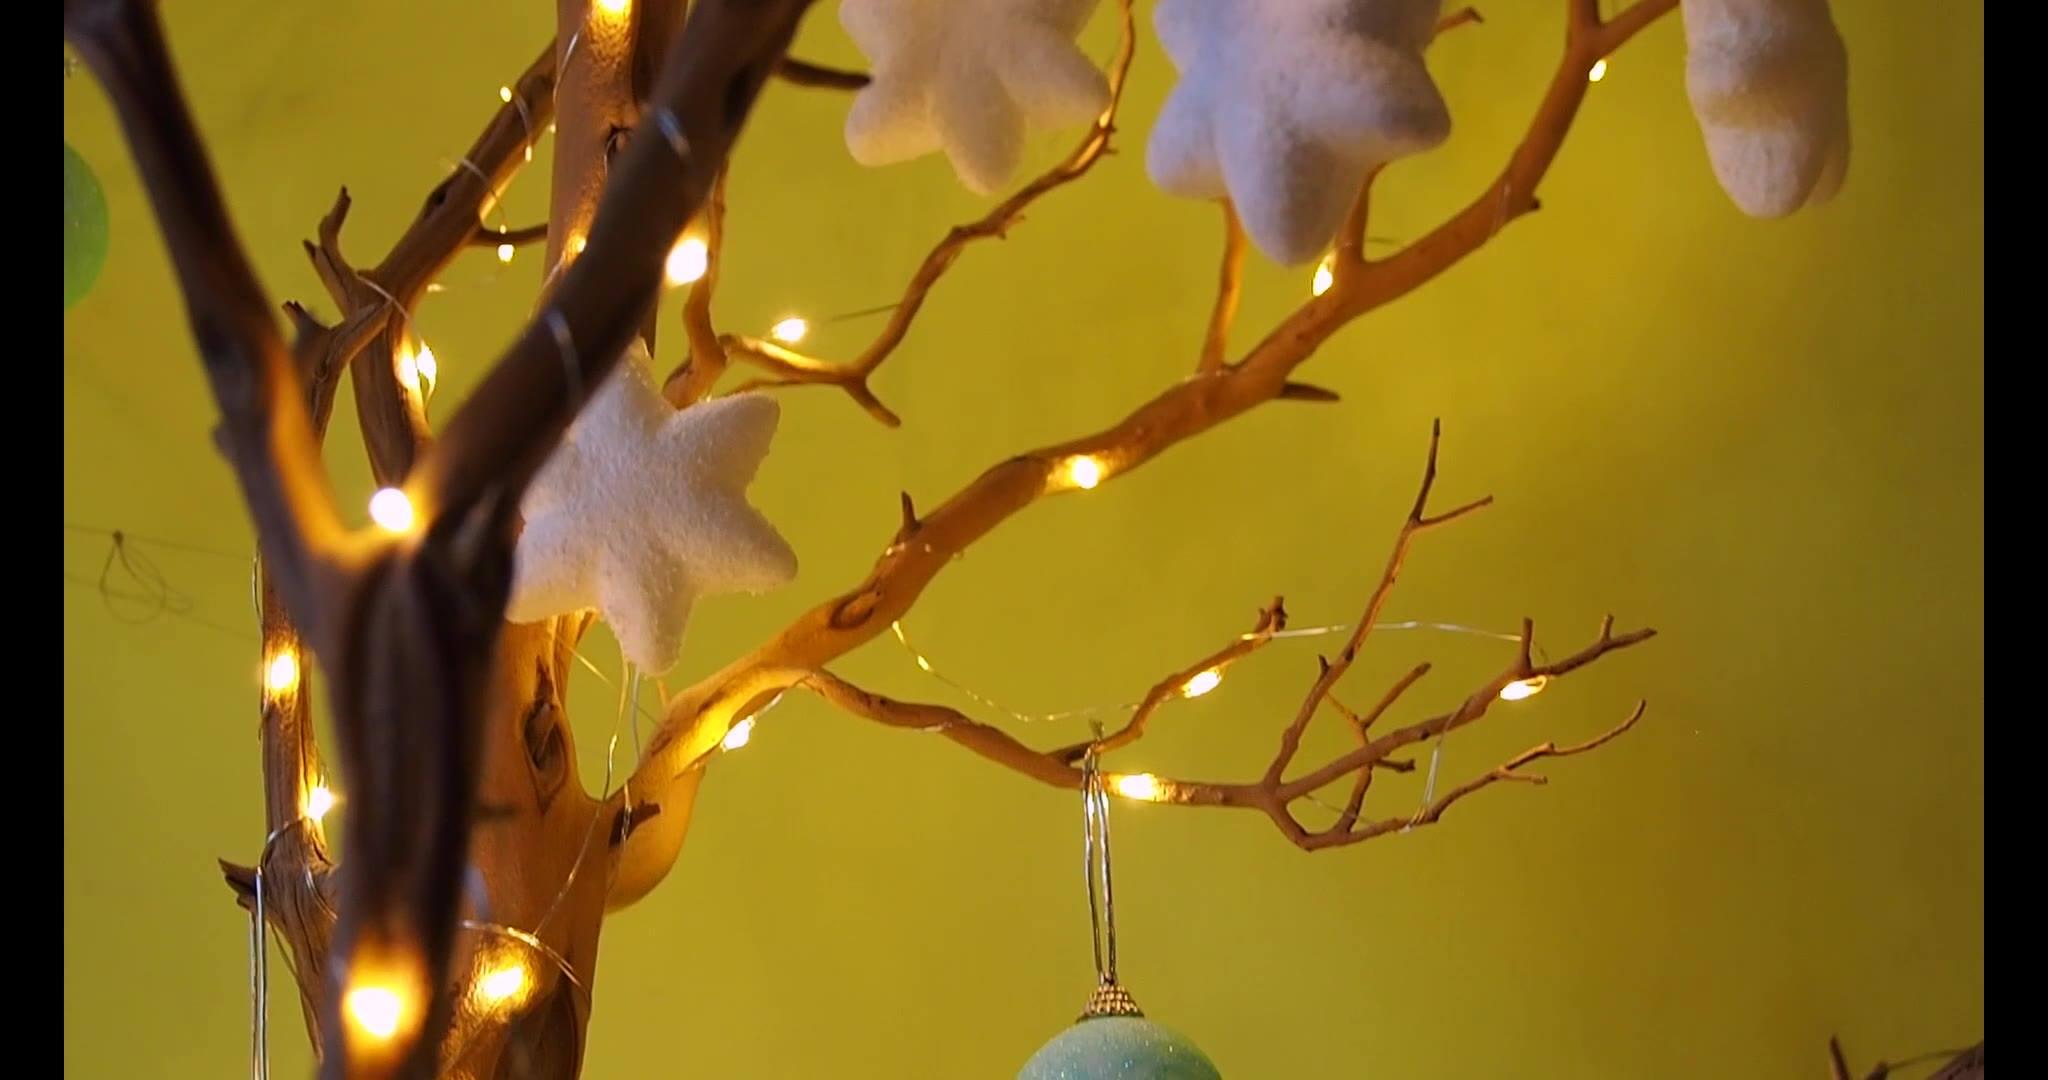 Zain & Zen vous souhaite de bonnes fêtes